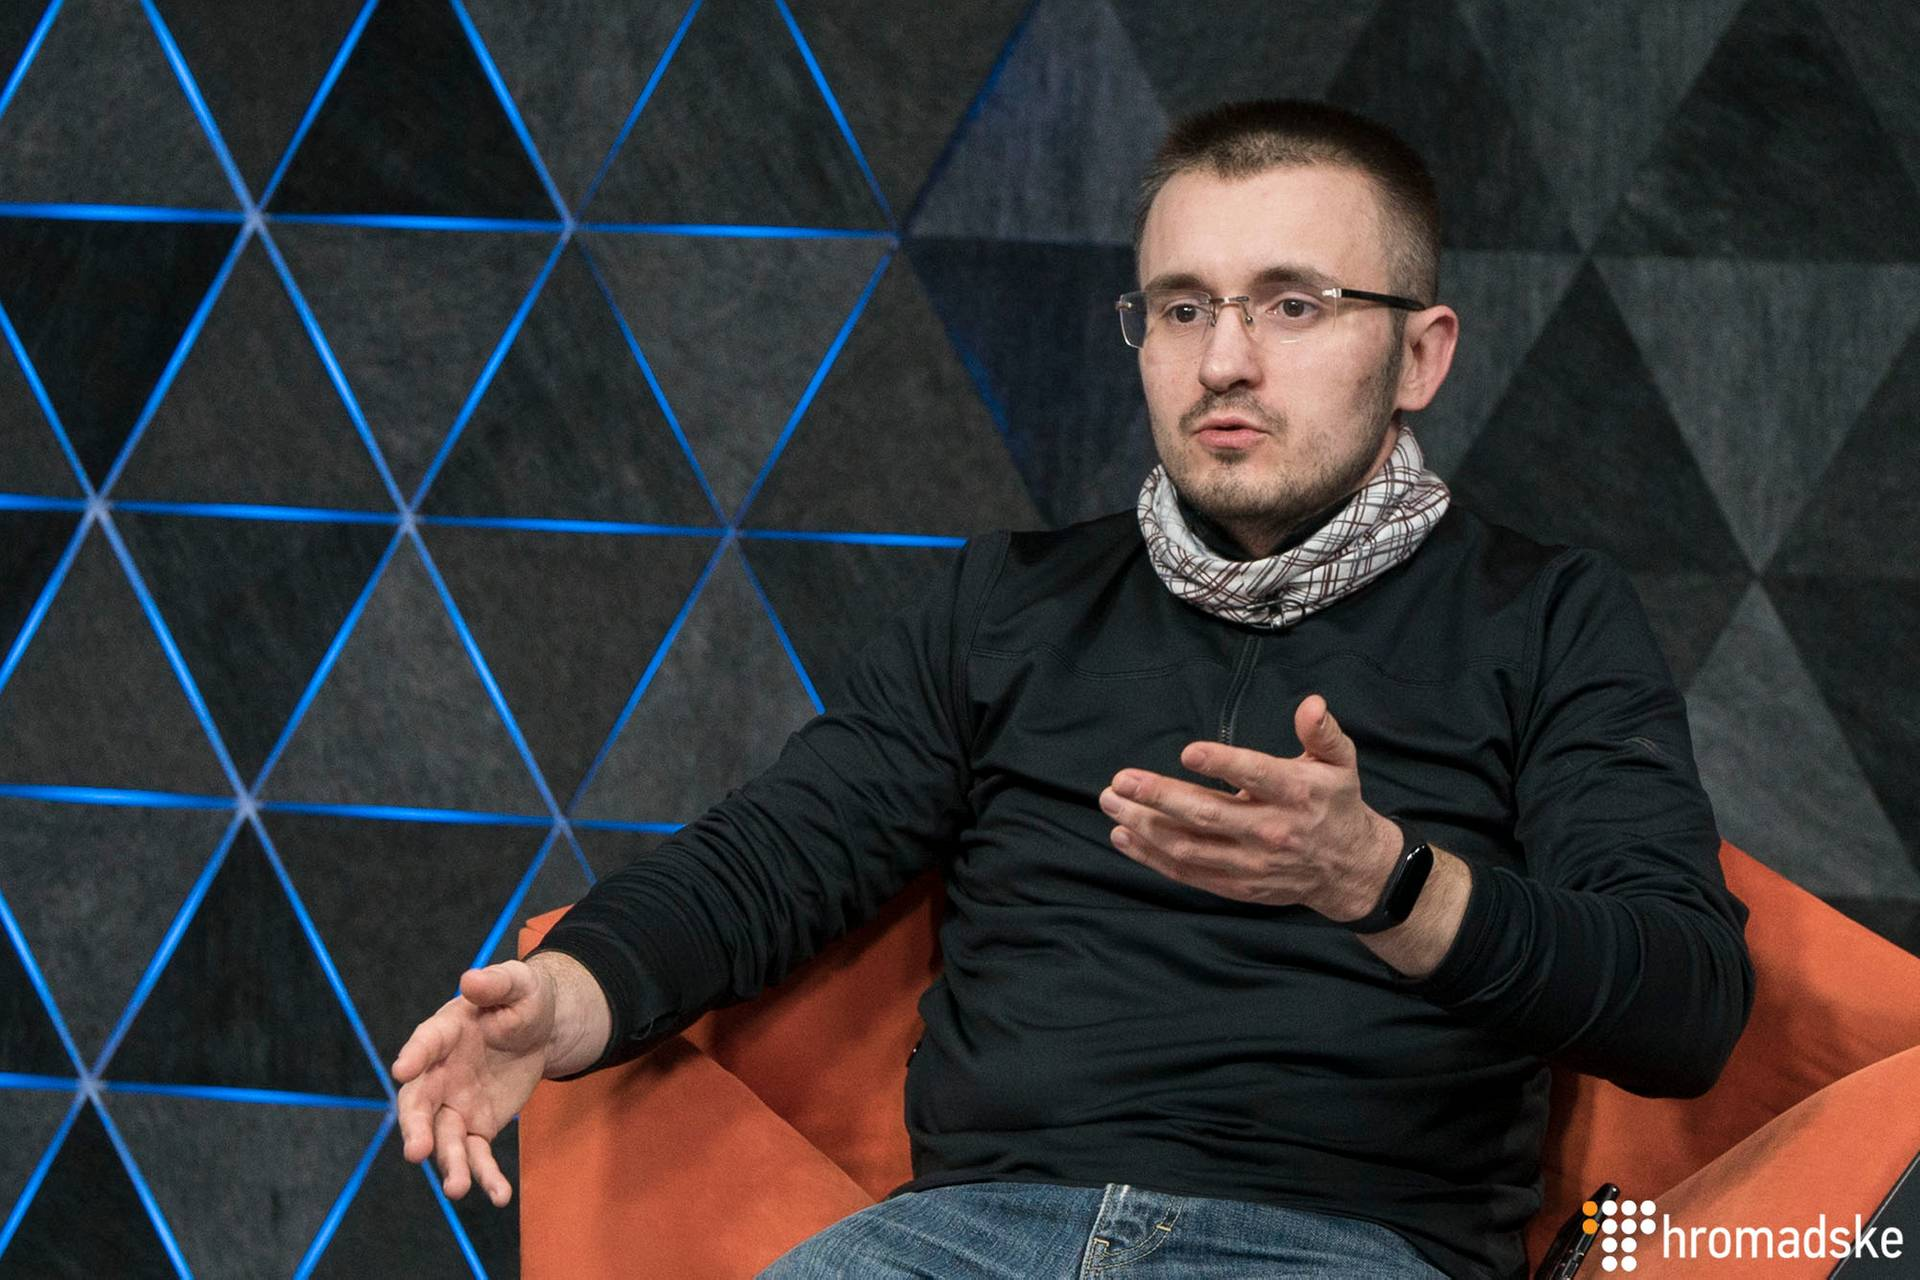 Журналіст-розслідувач Денис Бігус в студії Громадського в ефірі програми «Нині вже», Київ, 12 березня 2019 року